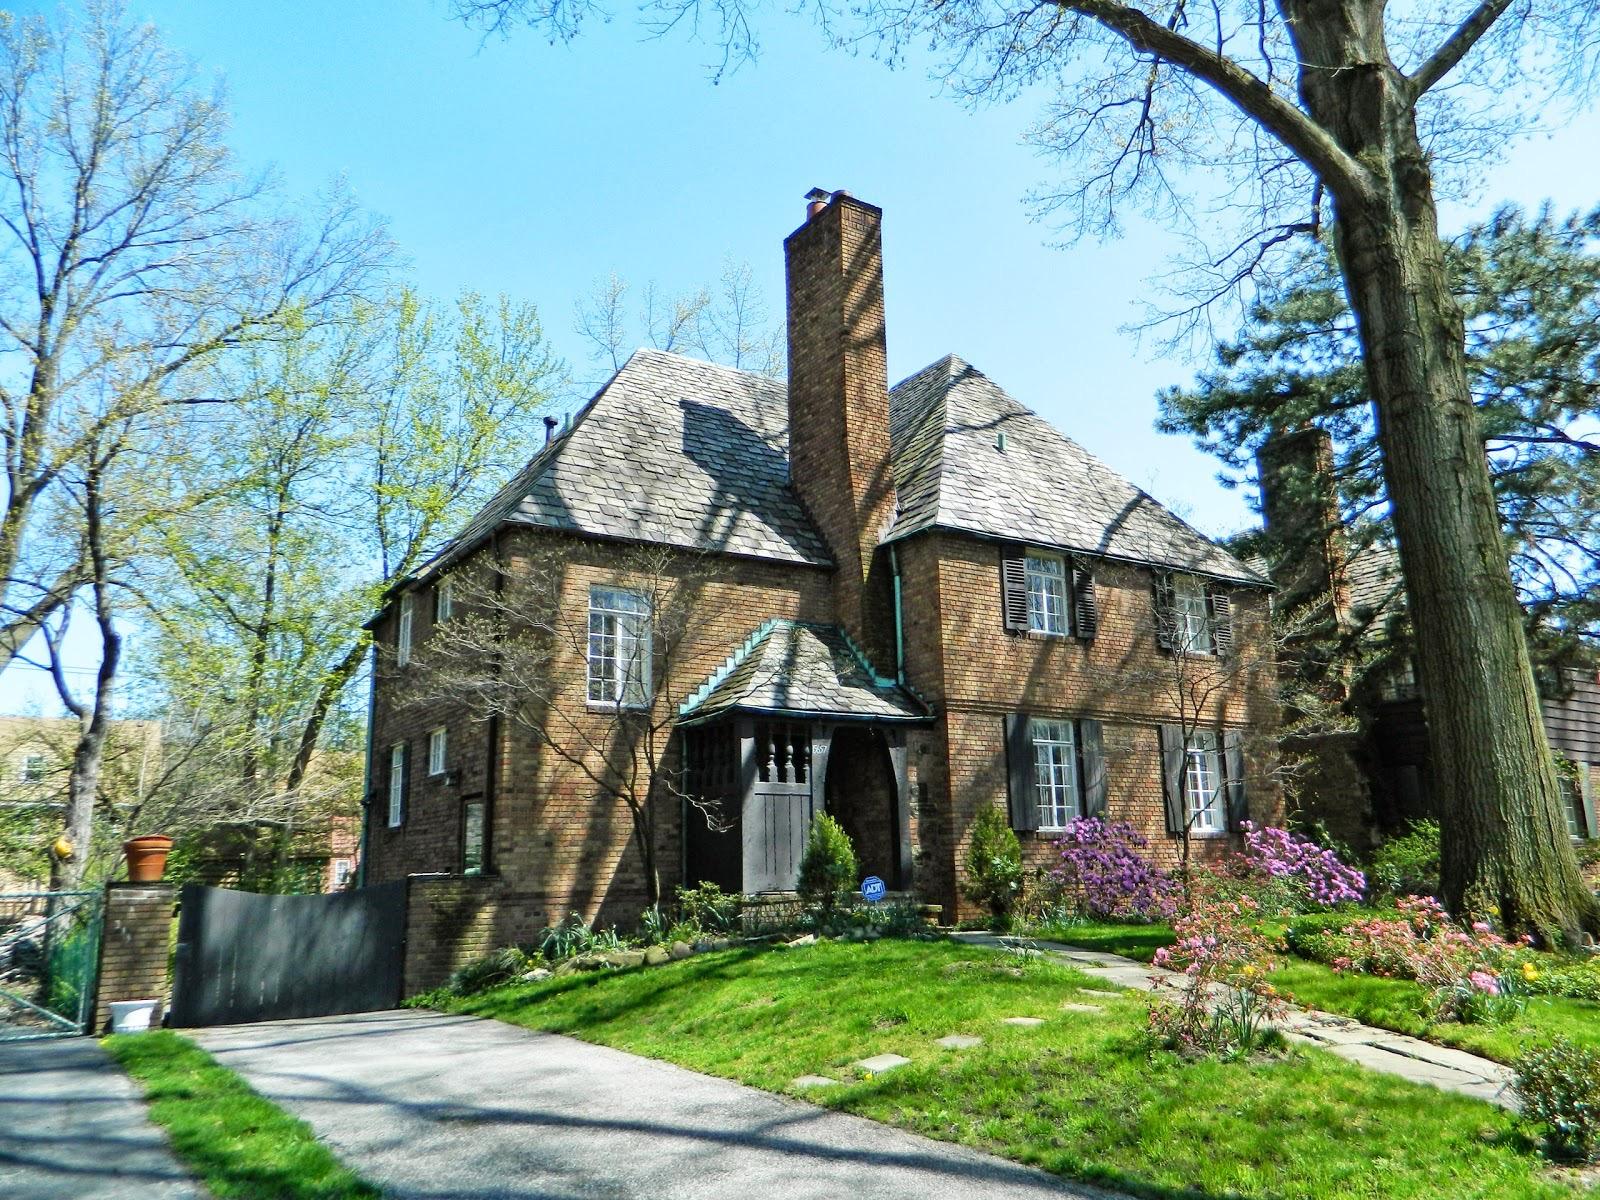 20130430074 E Cleveland Forest Hills 15657 Brewster 2 For Sale-1.jpg